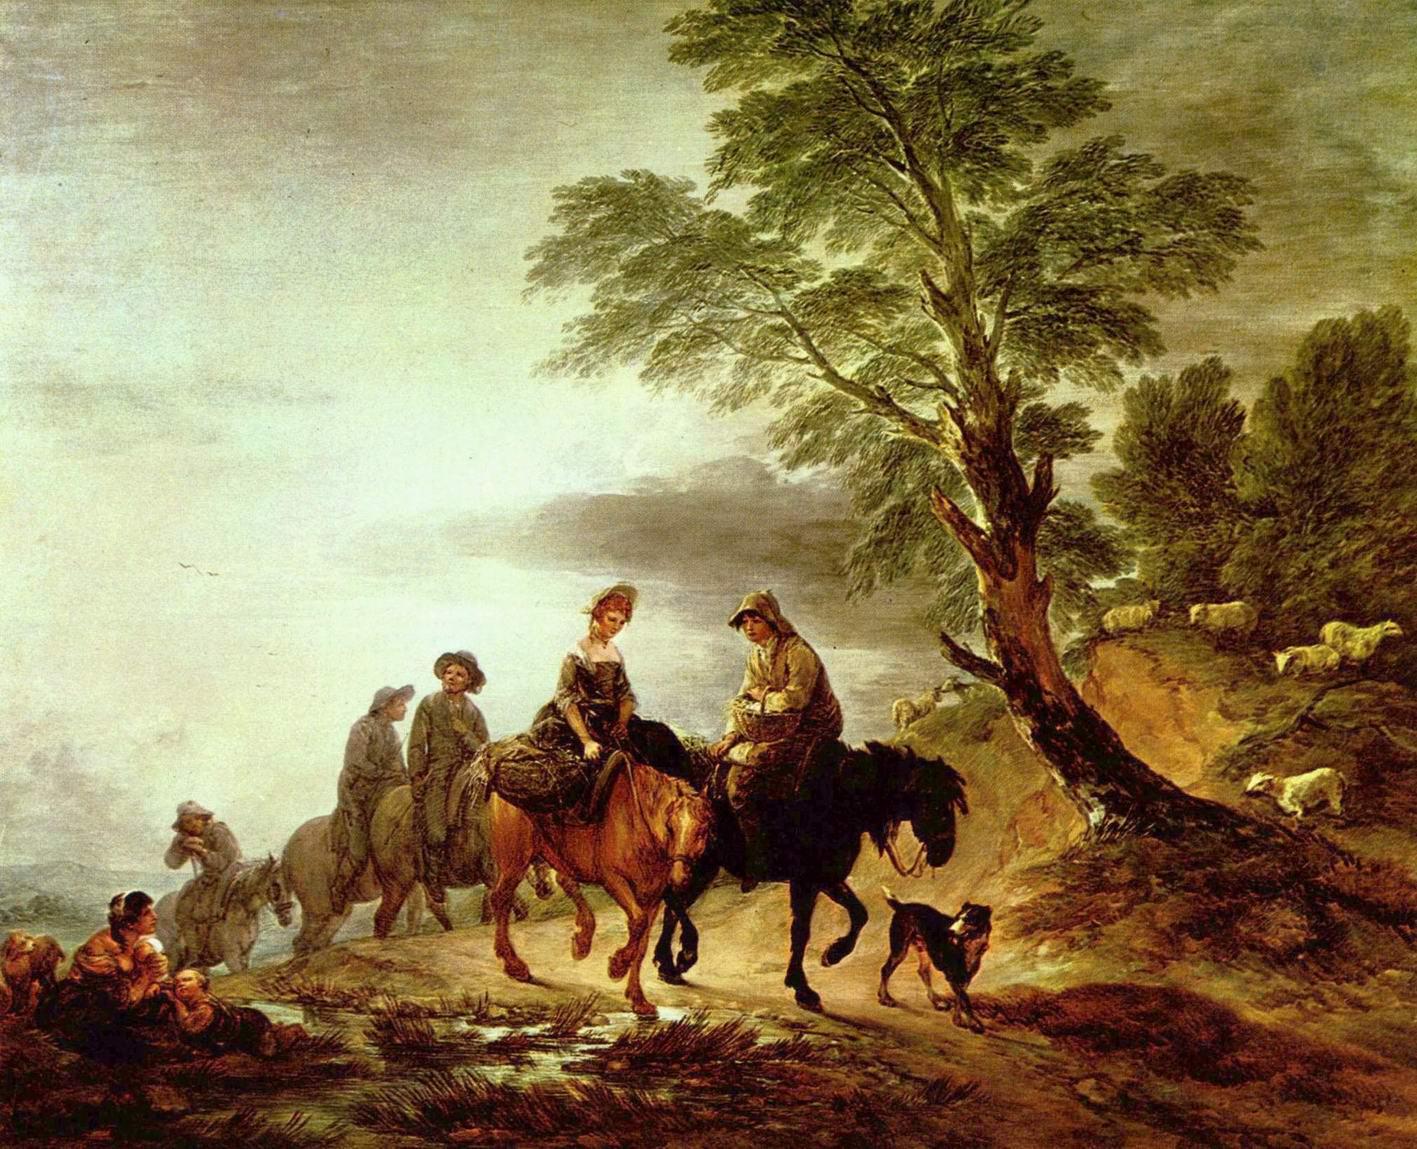 Поездка на рынок, Томас Гейнсборо